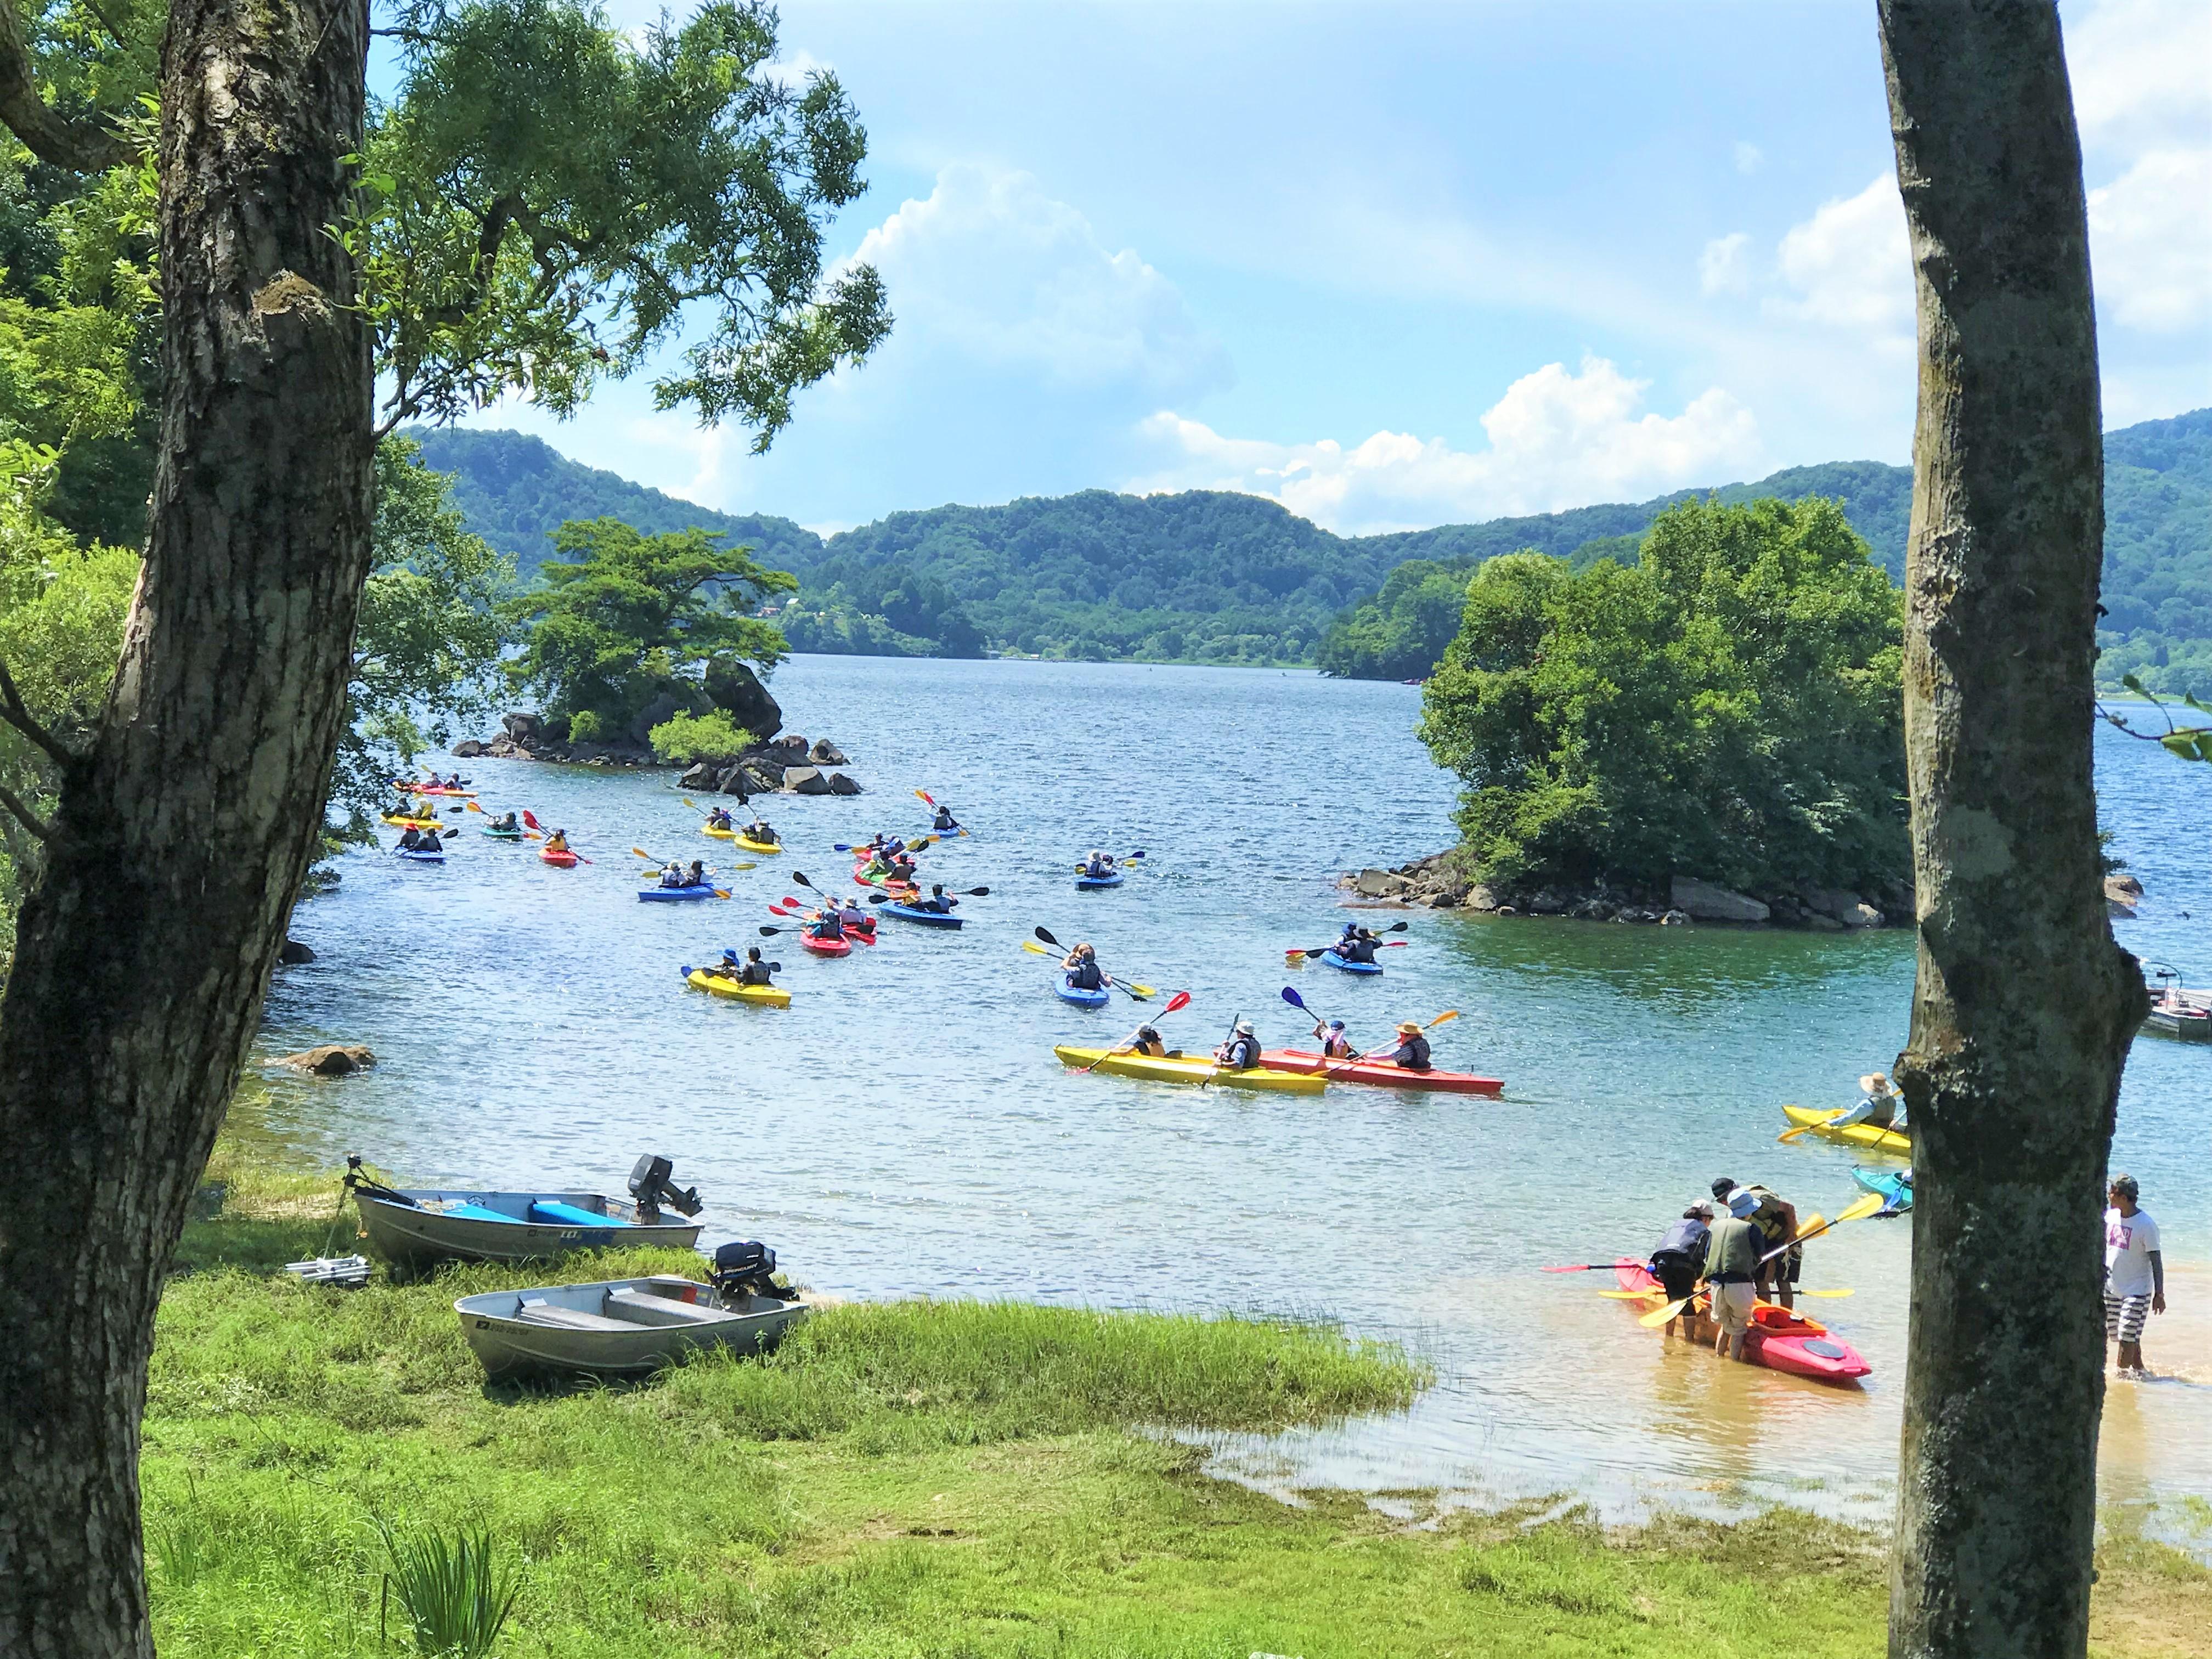 40以上の小島が密集する桧原湖のいかり潟でカヌー体験